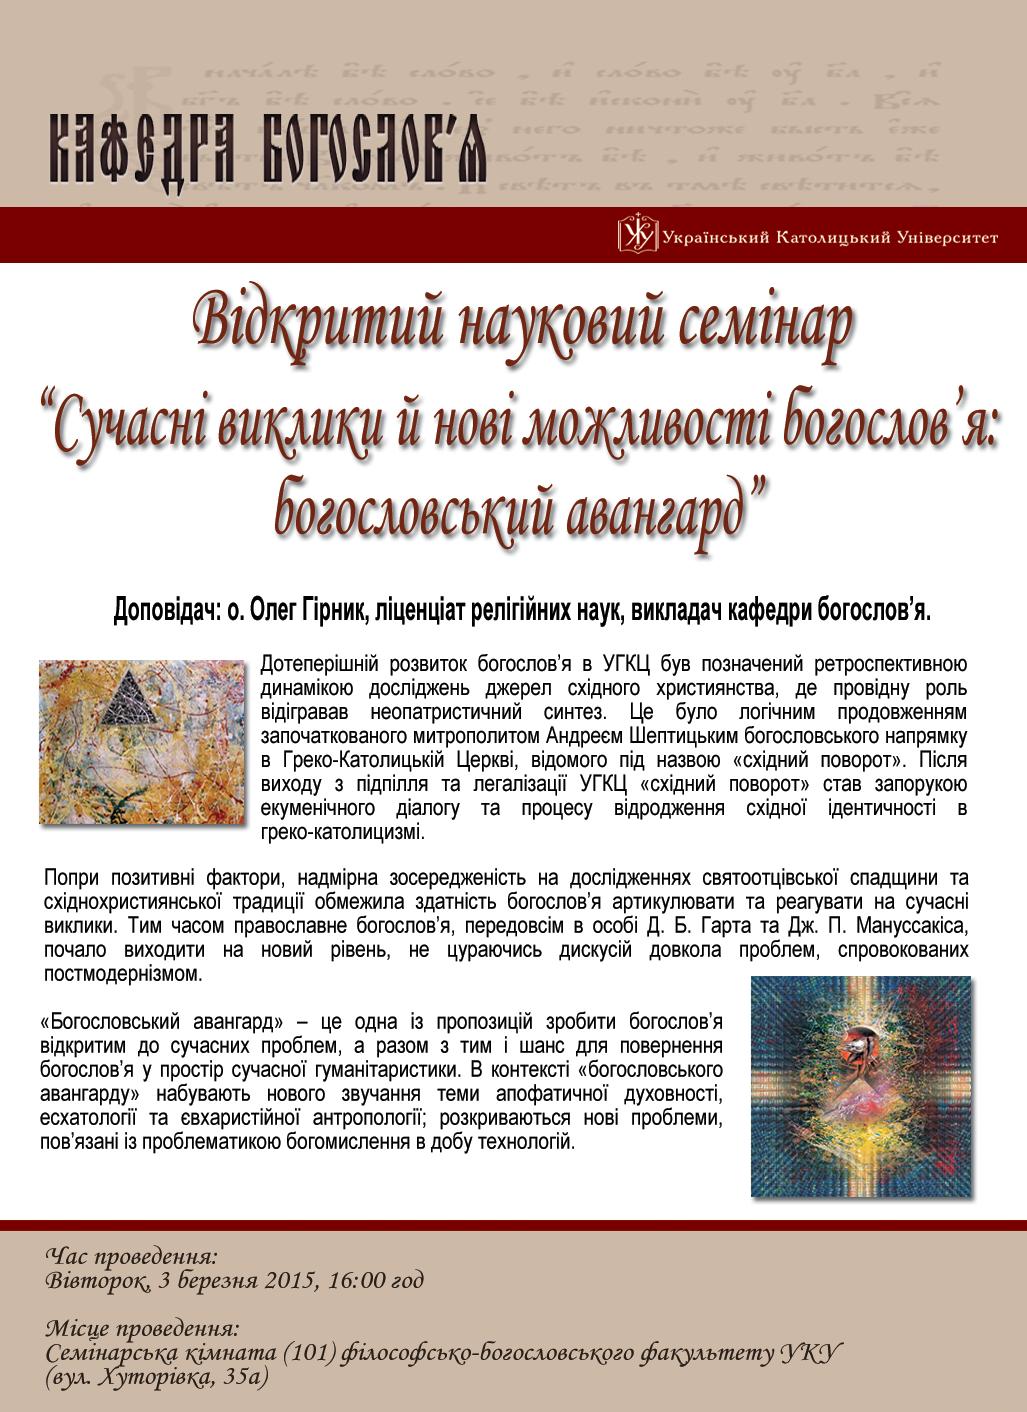 seminar_bohoslovskyy_avanhard